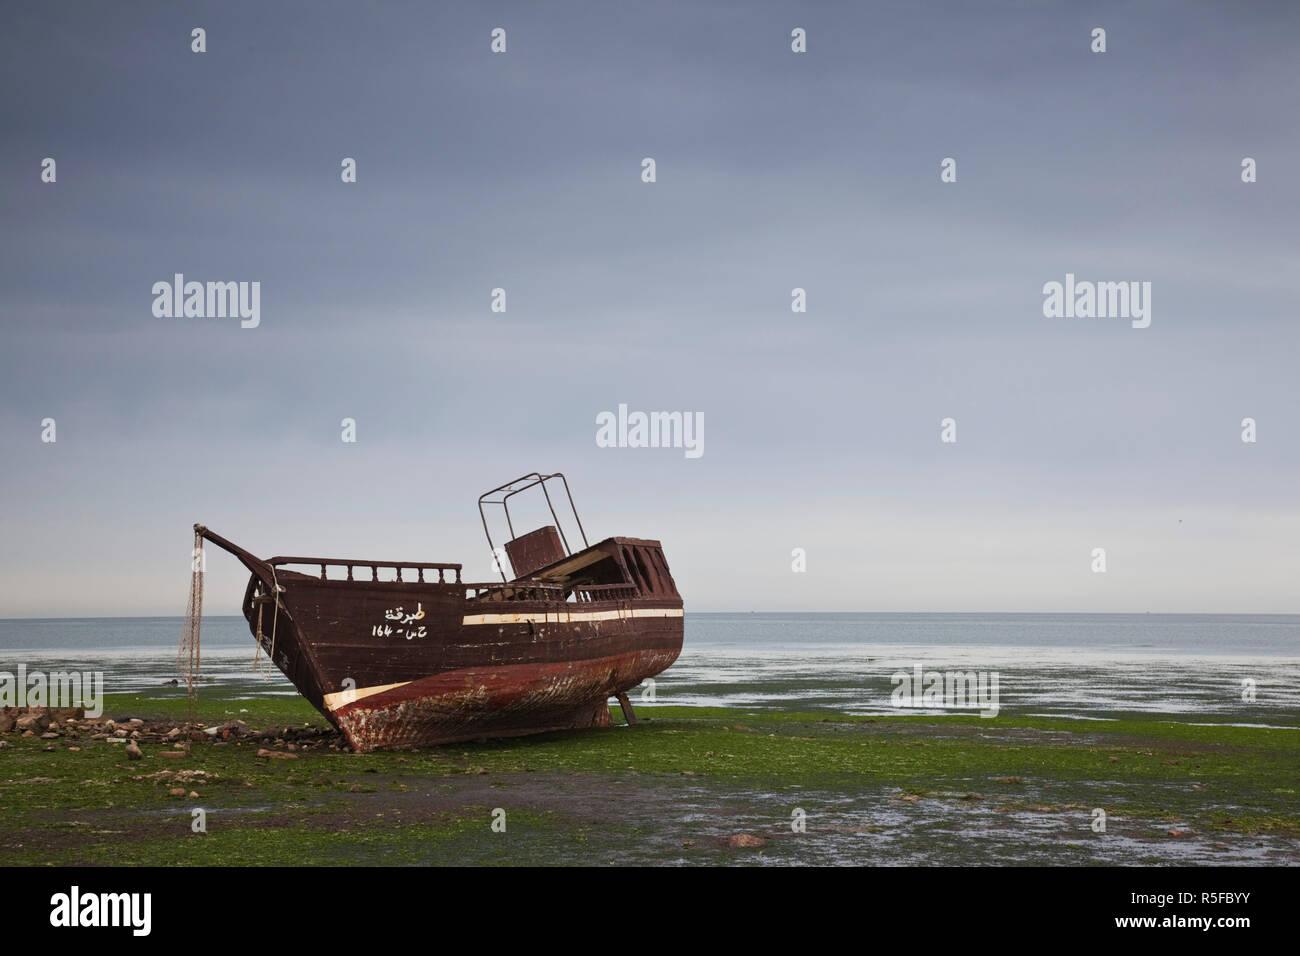 La Tunisie, l'île de Djerba, Houmt Souk, bateaux sur le bord de mer Photo Stock